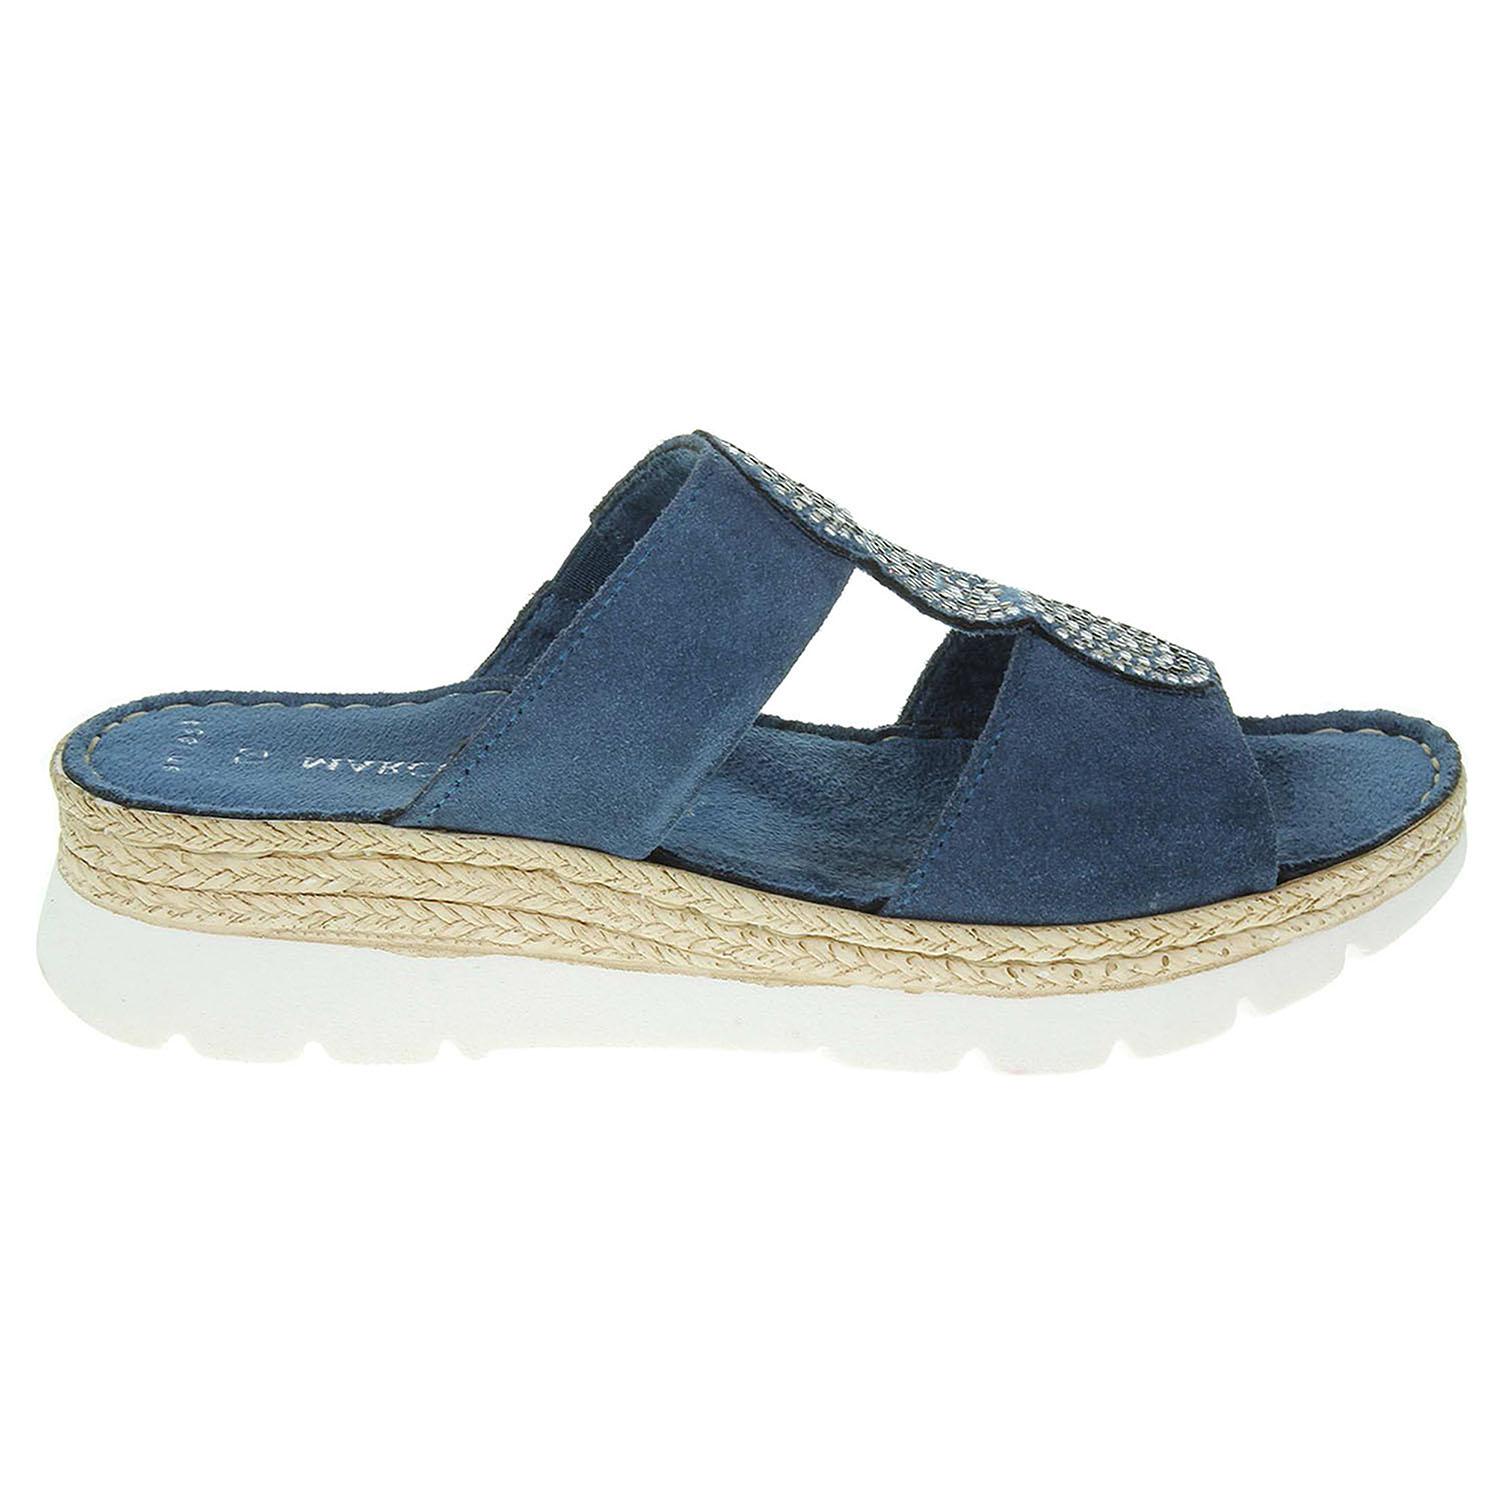 Ecco Marco Tozzi dámské pantofle 2-27200-28 modré 23600765